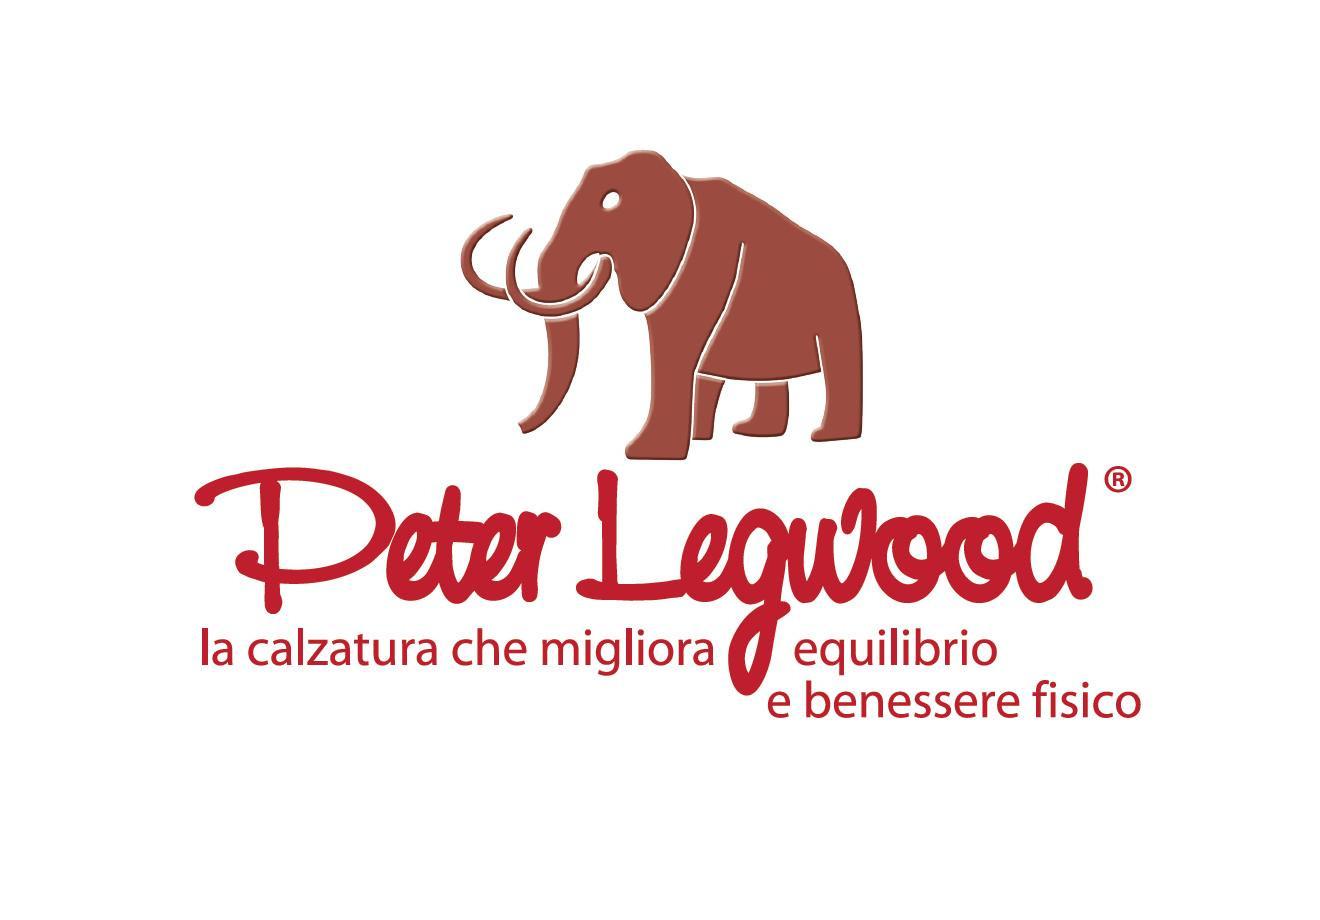 Peter Legwood Proevolution